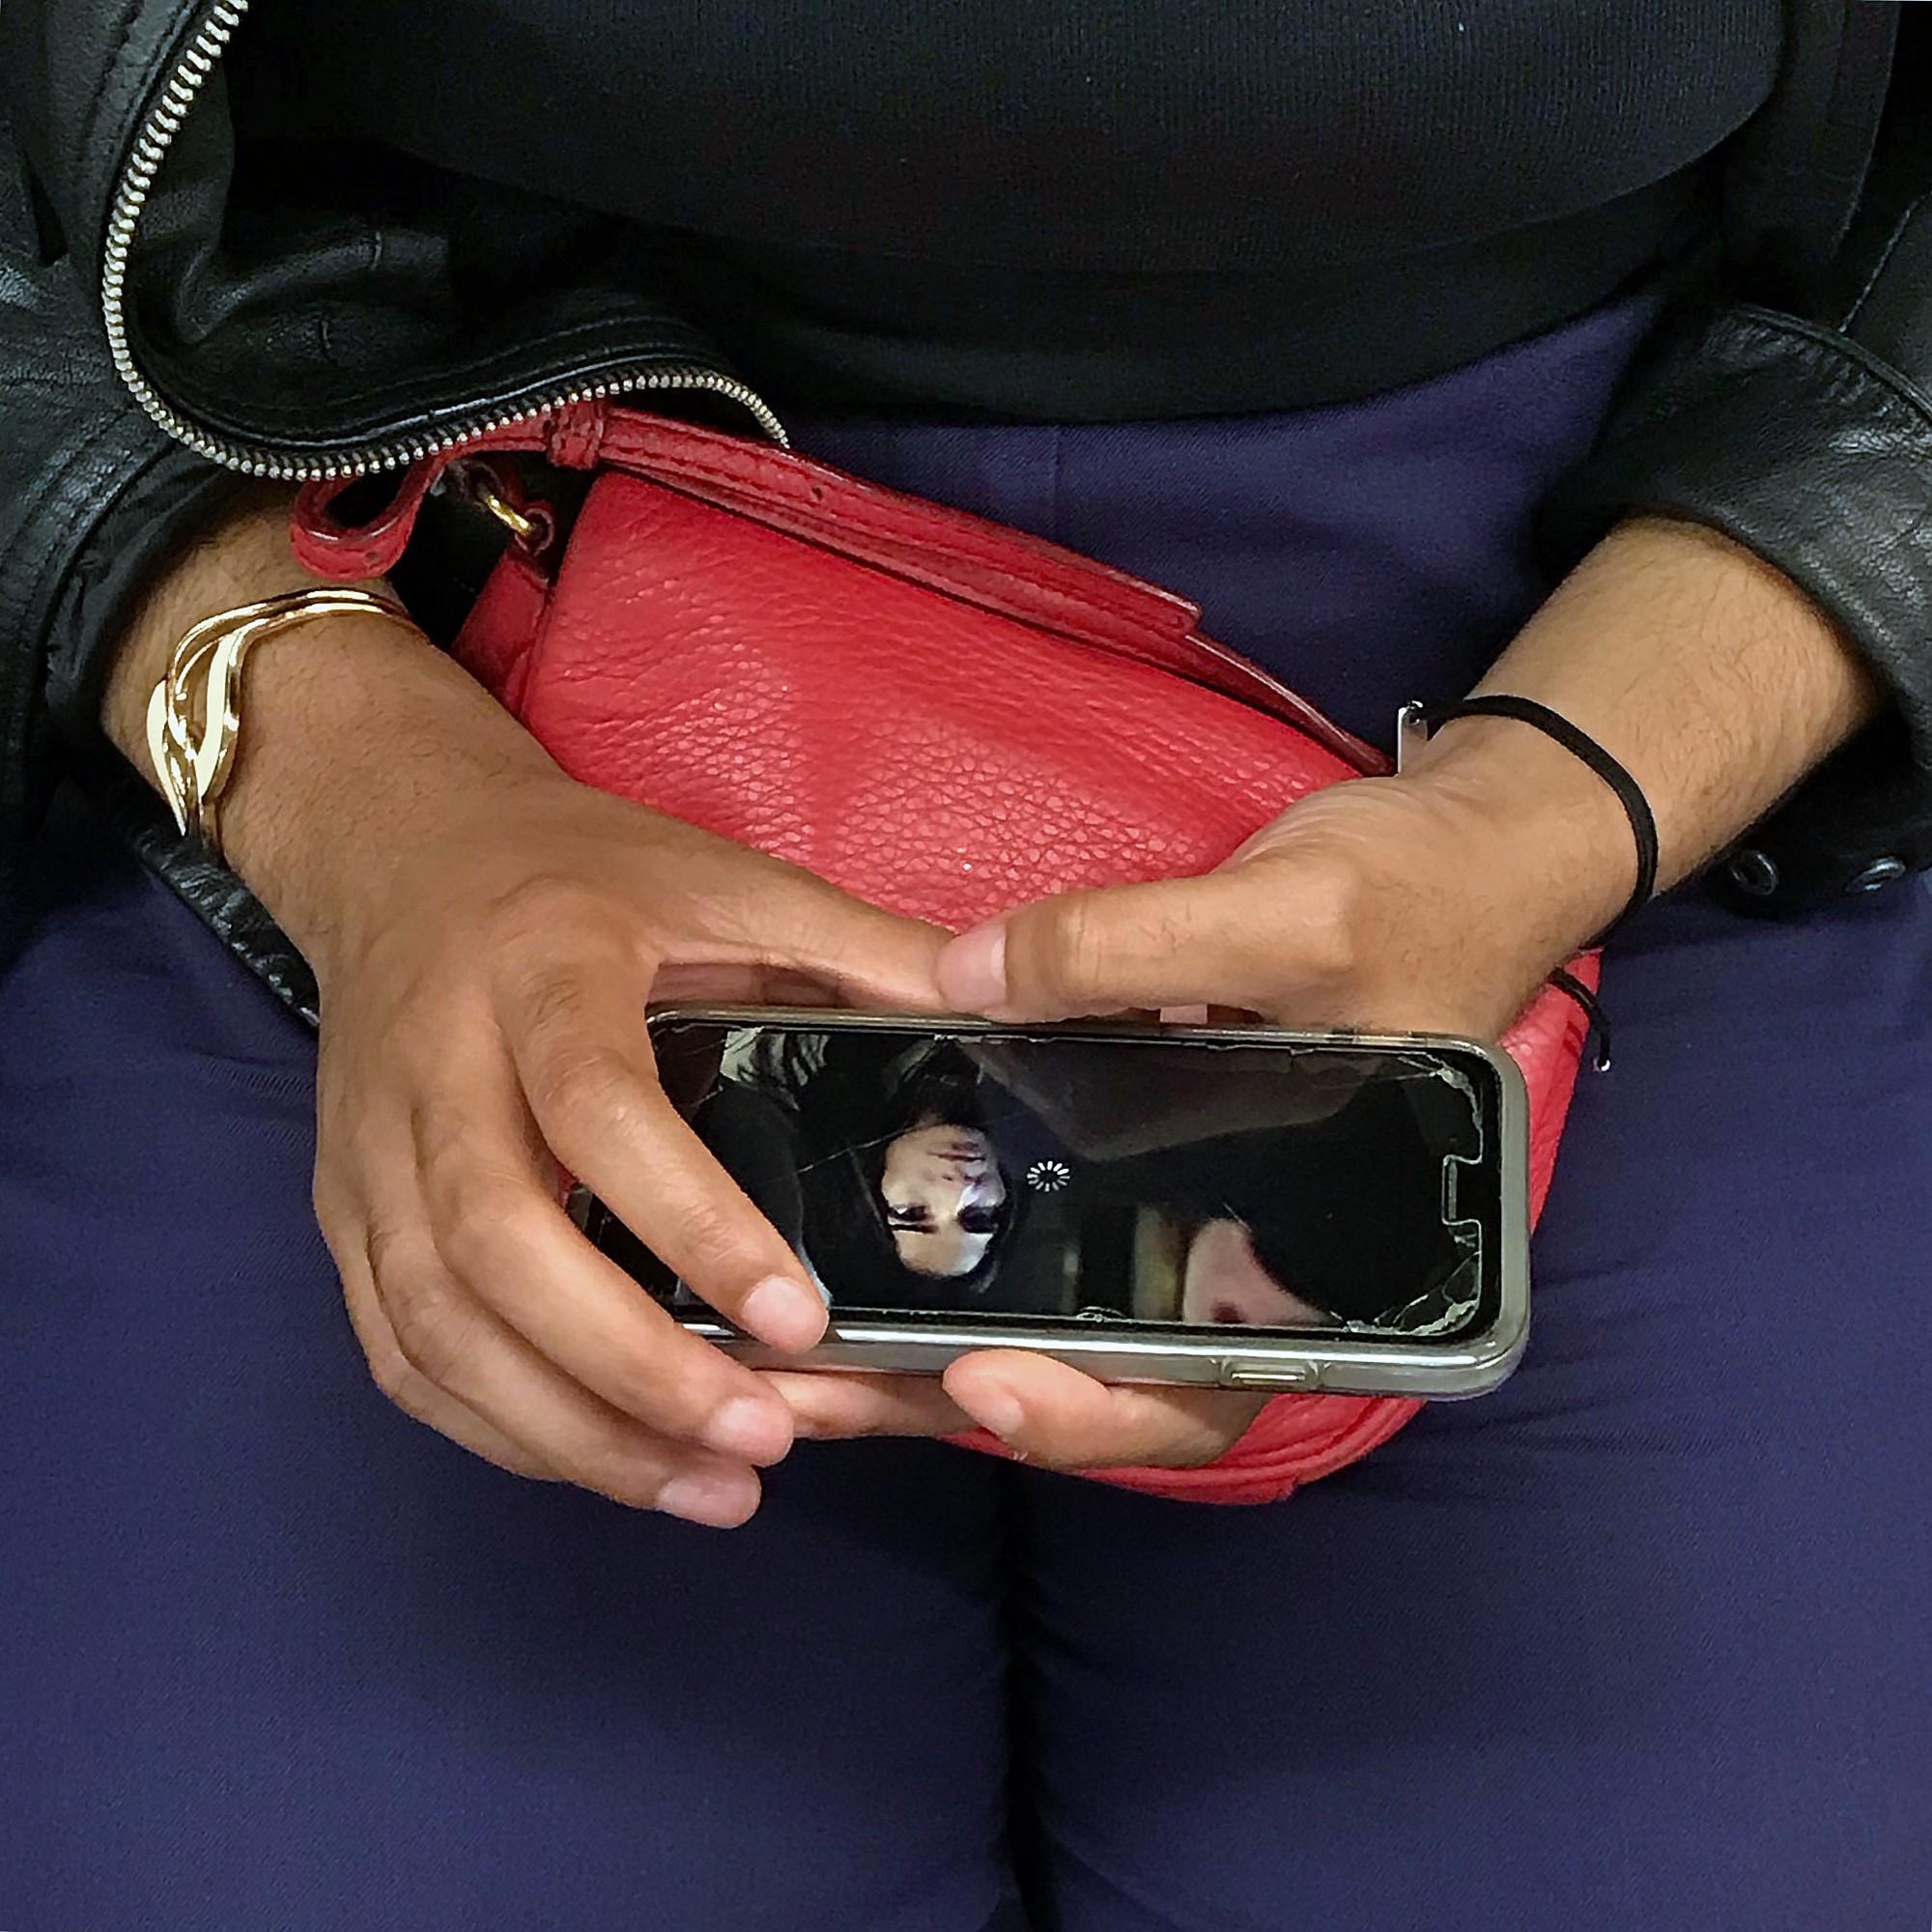 Đây là lý do tại sao chúng ta luôn vô thức nhìn vào màn hình điện thoại người khác - Ảnh 2.